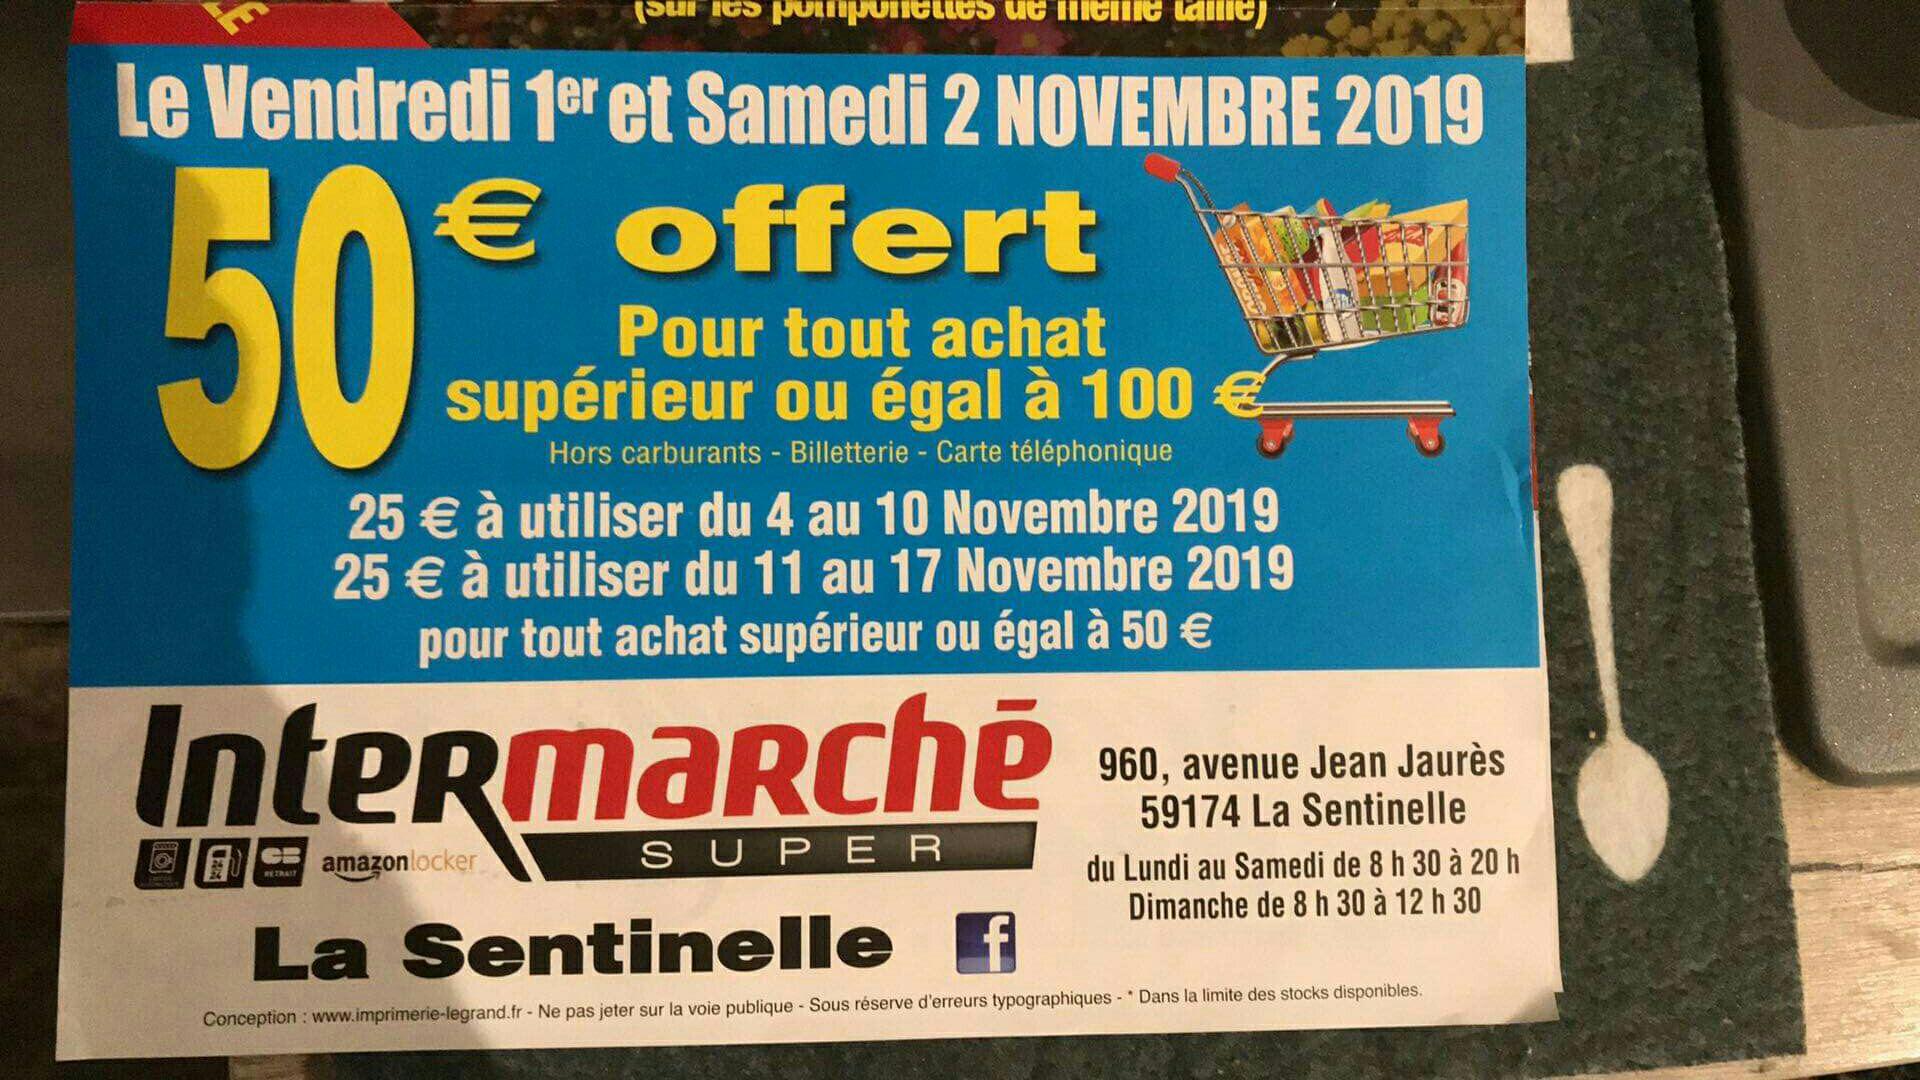 50€ en bons d'achat pour tout achat supérieur ou égal à 100€ (Hors exceptions) - La Sentinelle (59)